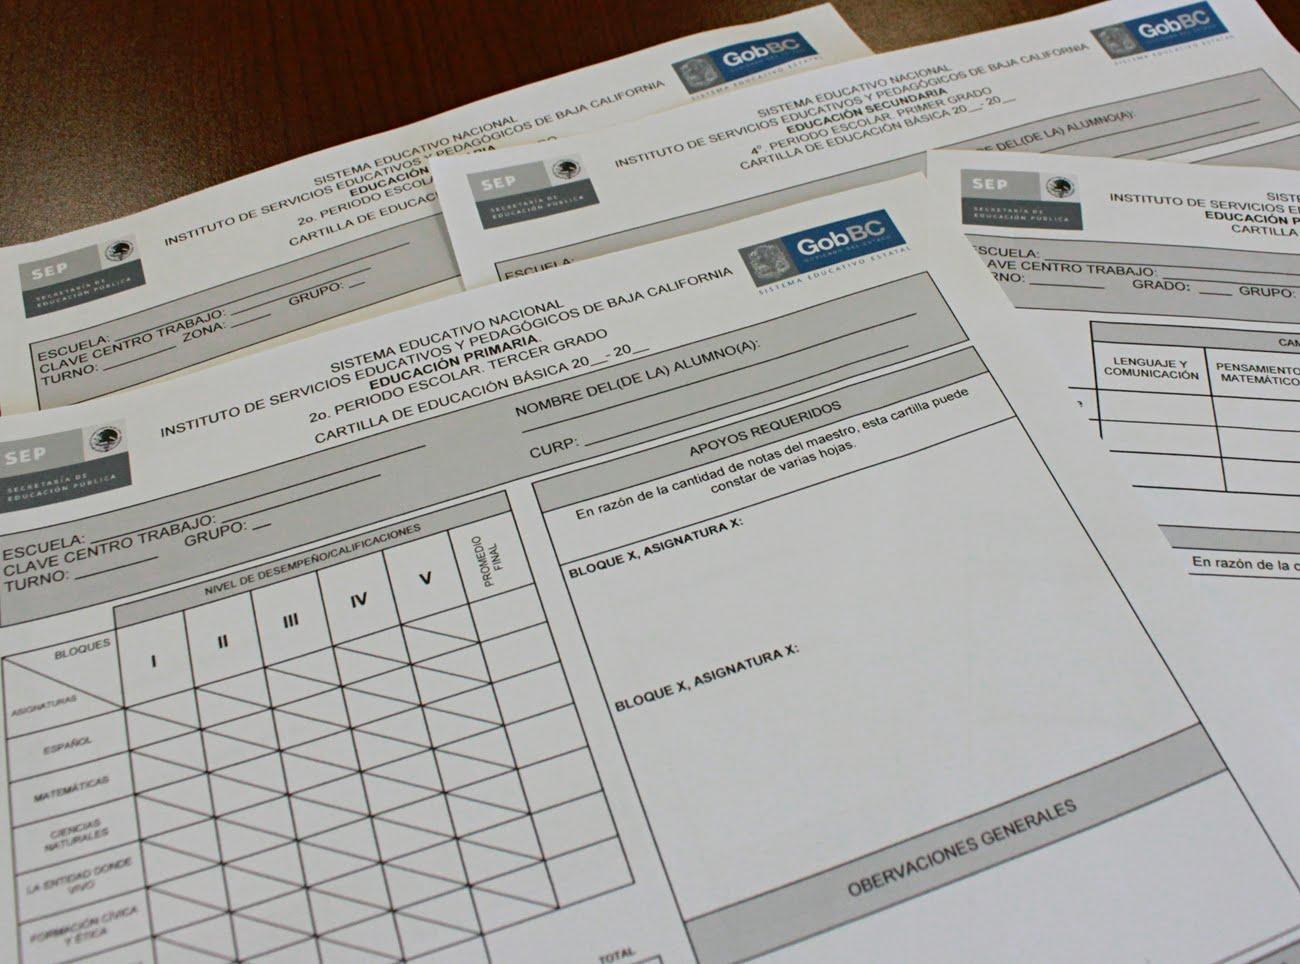 ensenada b c a 3 de octubre de 2012 el sistema educativo estatal en